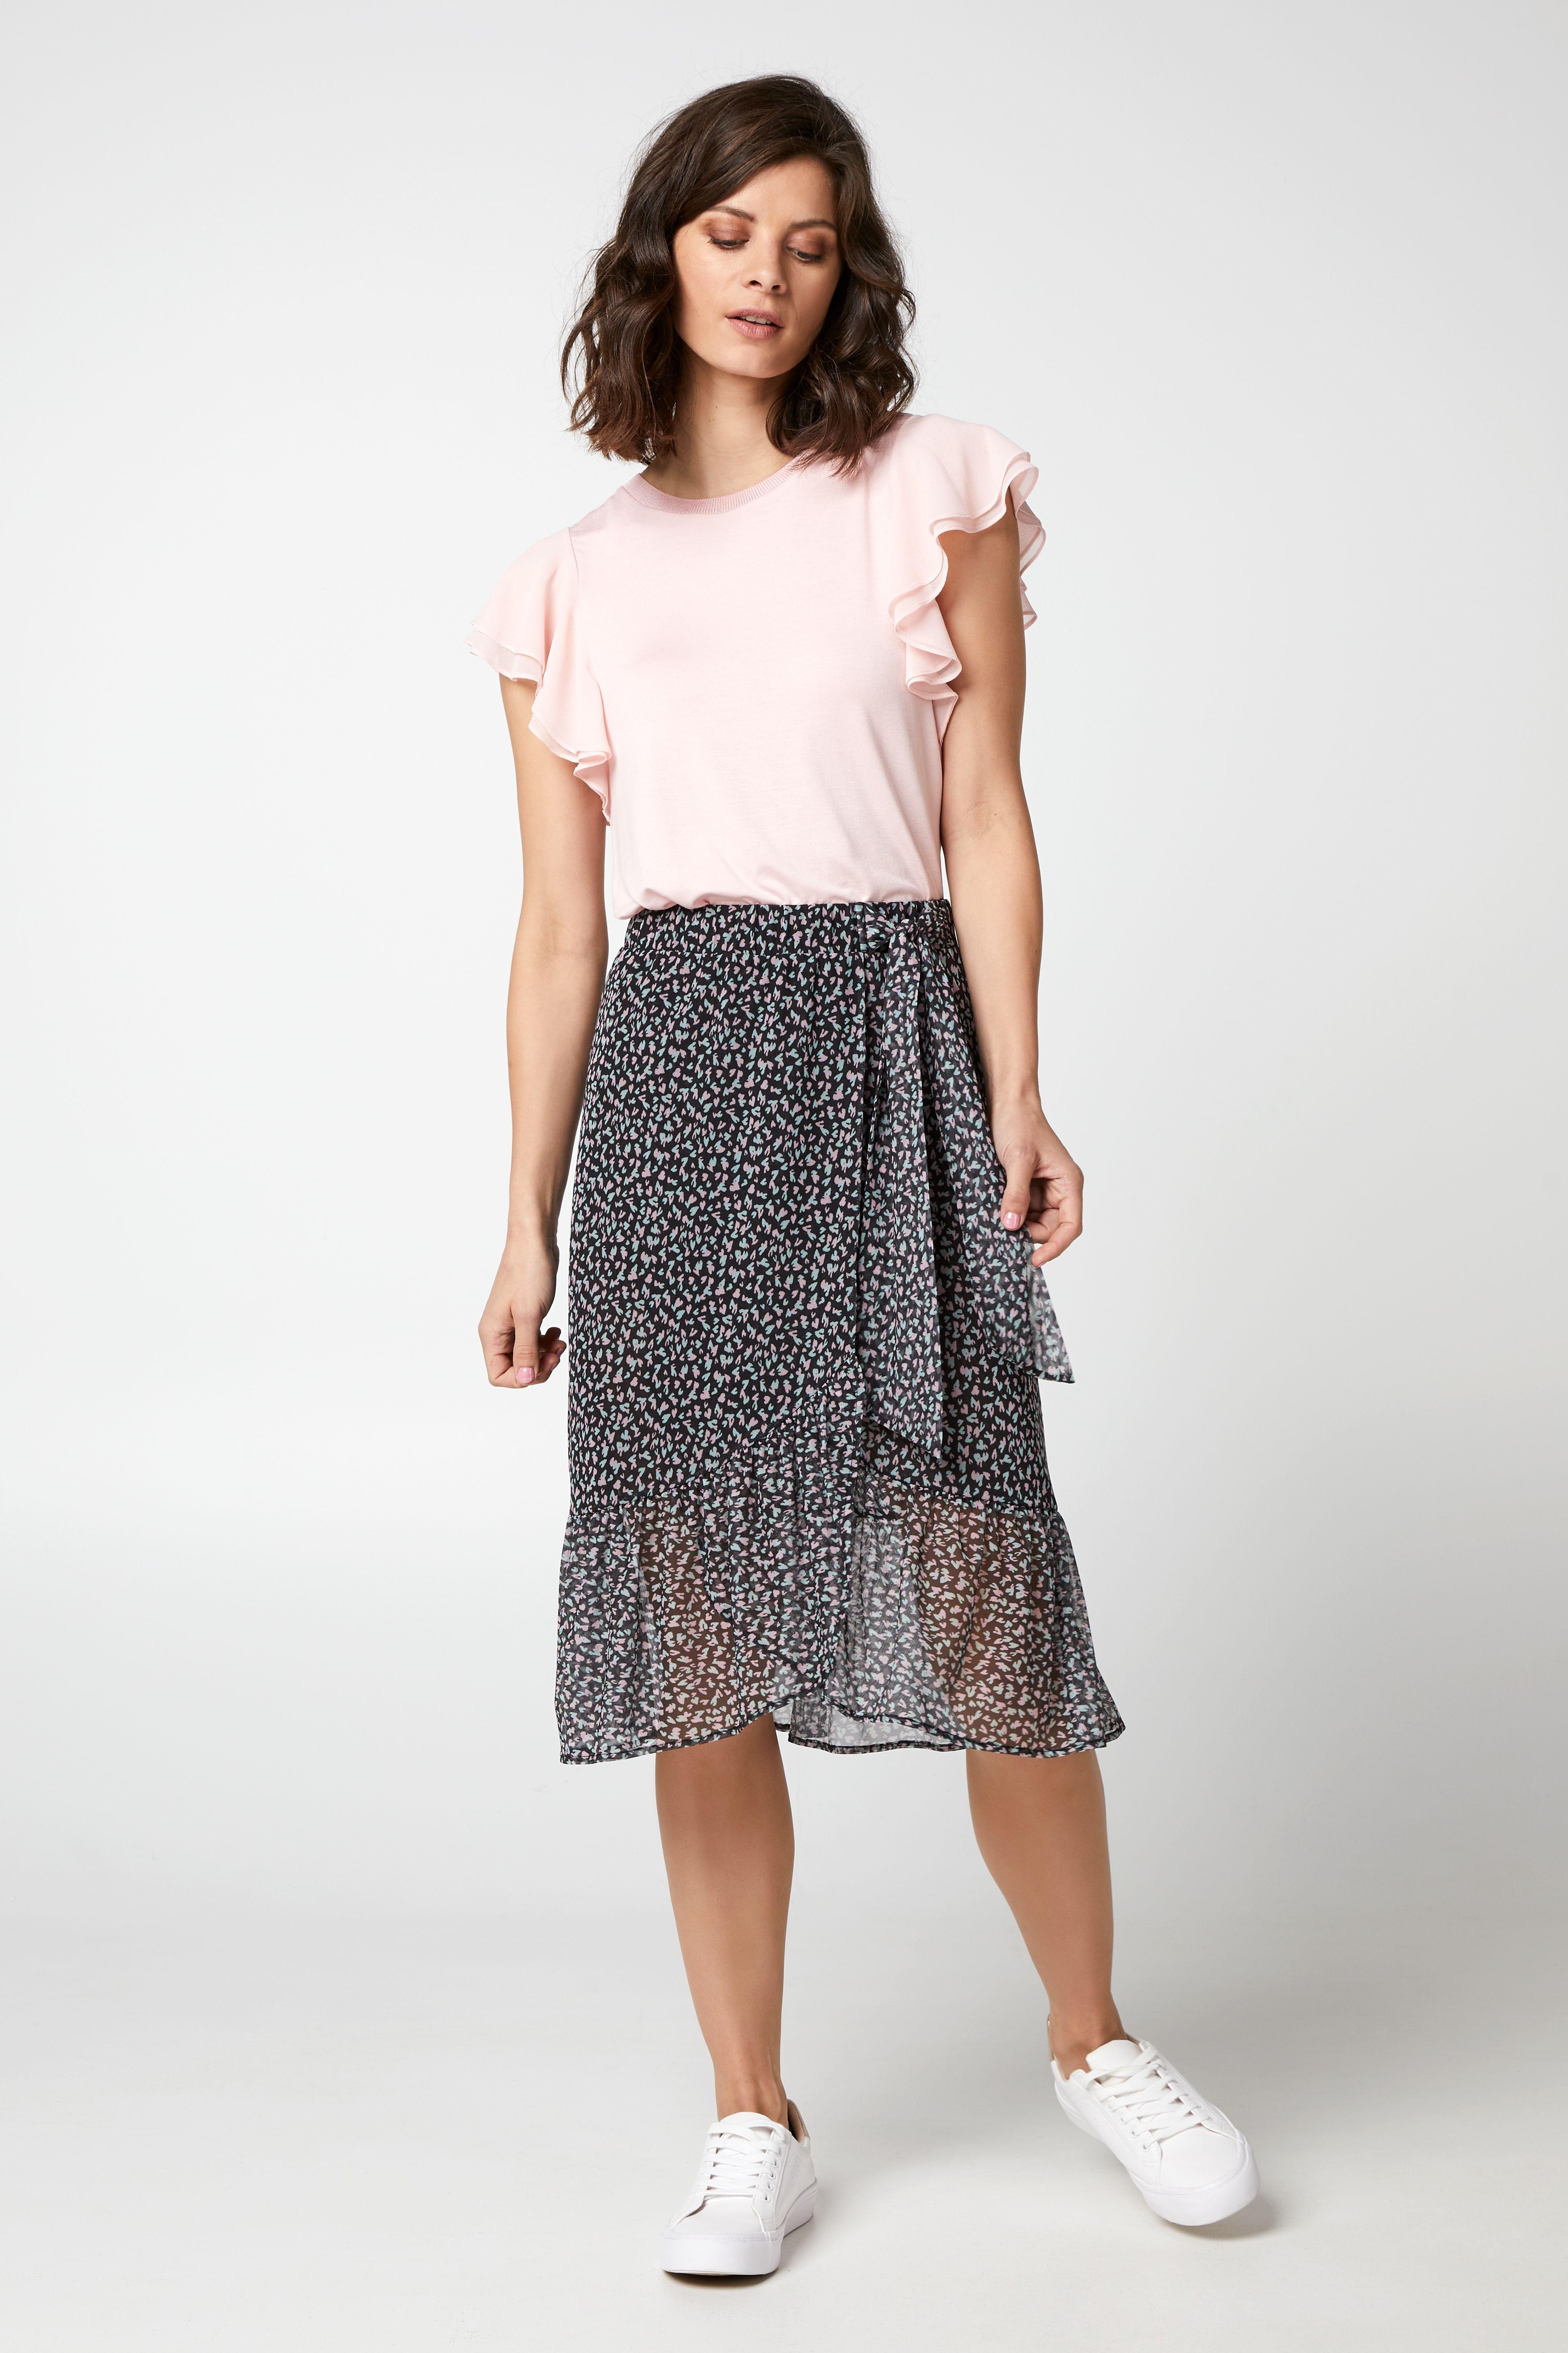 Hedendaags Deze rok met hartjesprint kun je combineren met effen t-shirts of NH-85